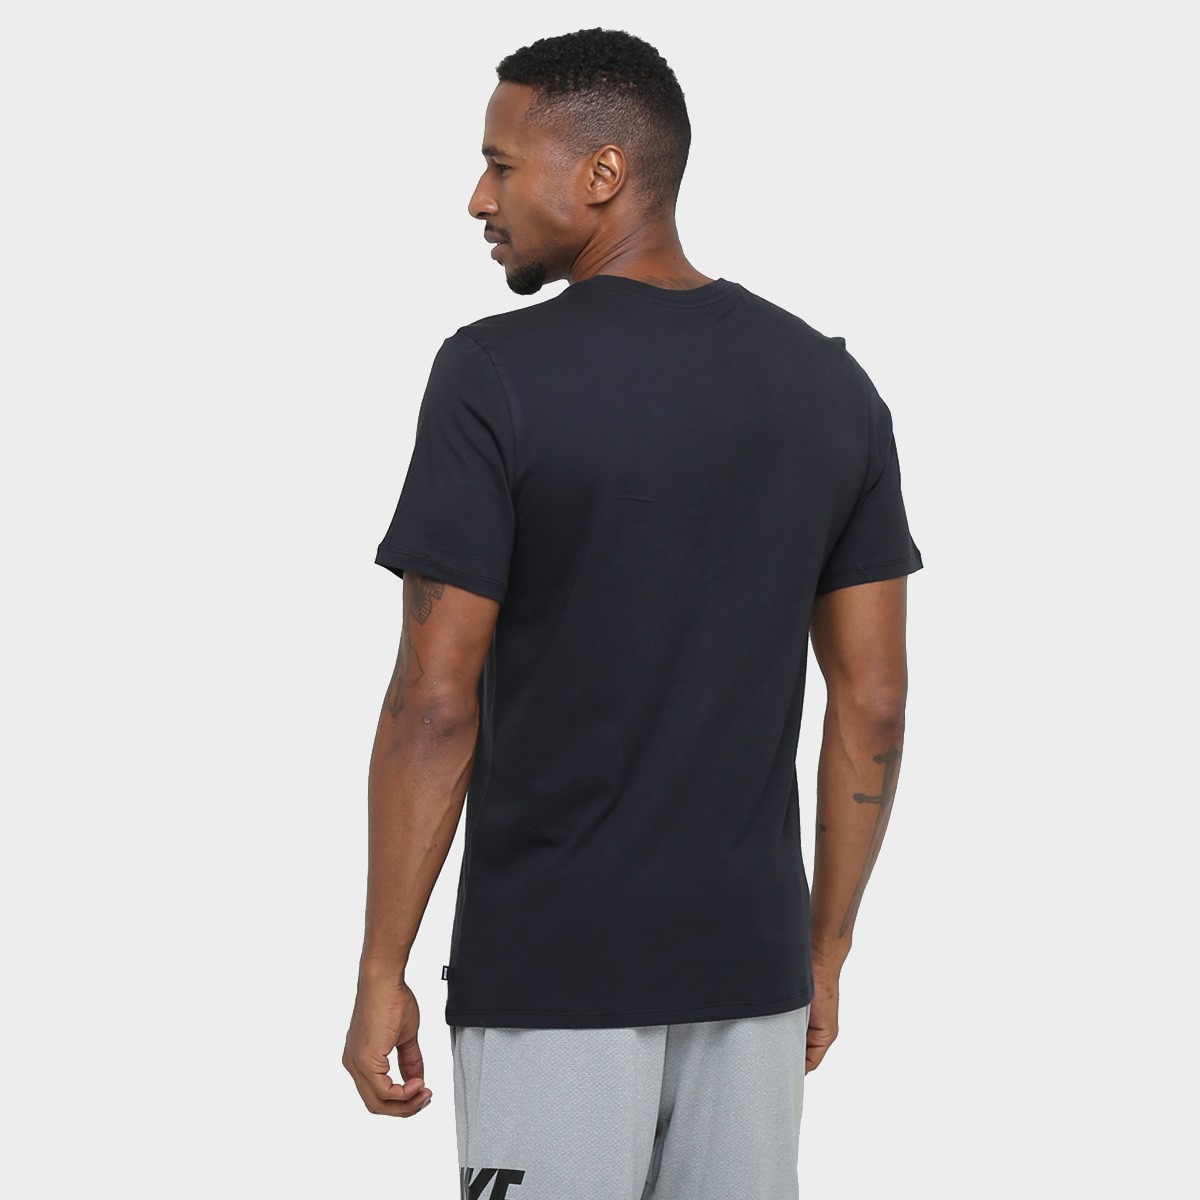 camiseta nike sb tee masculina original + nf. Carregando zoom. b8ba9aad46ce5